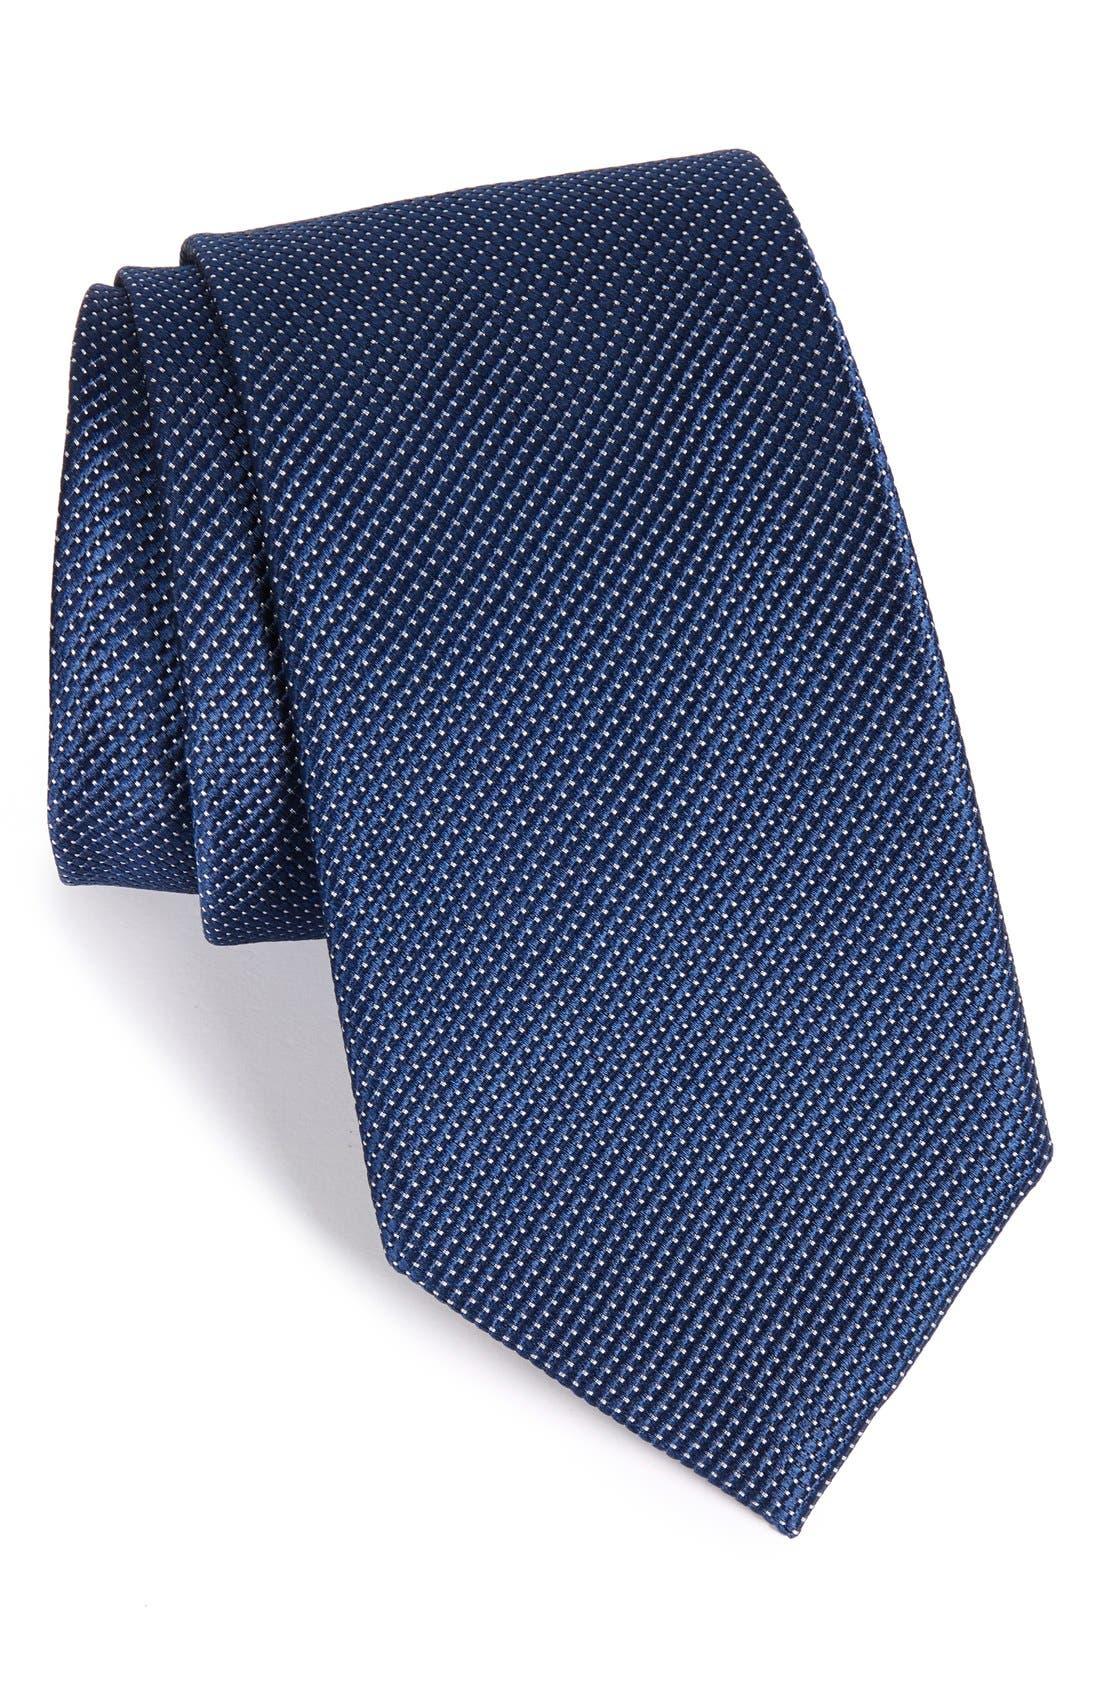 Main Image - Nordstrom Men's Shop Solid Silk Tie